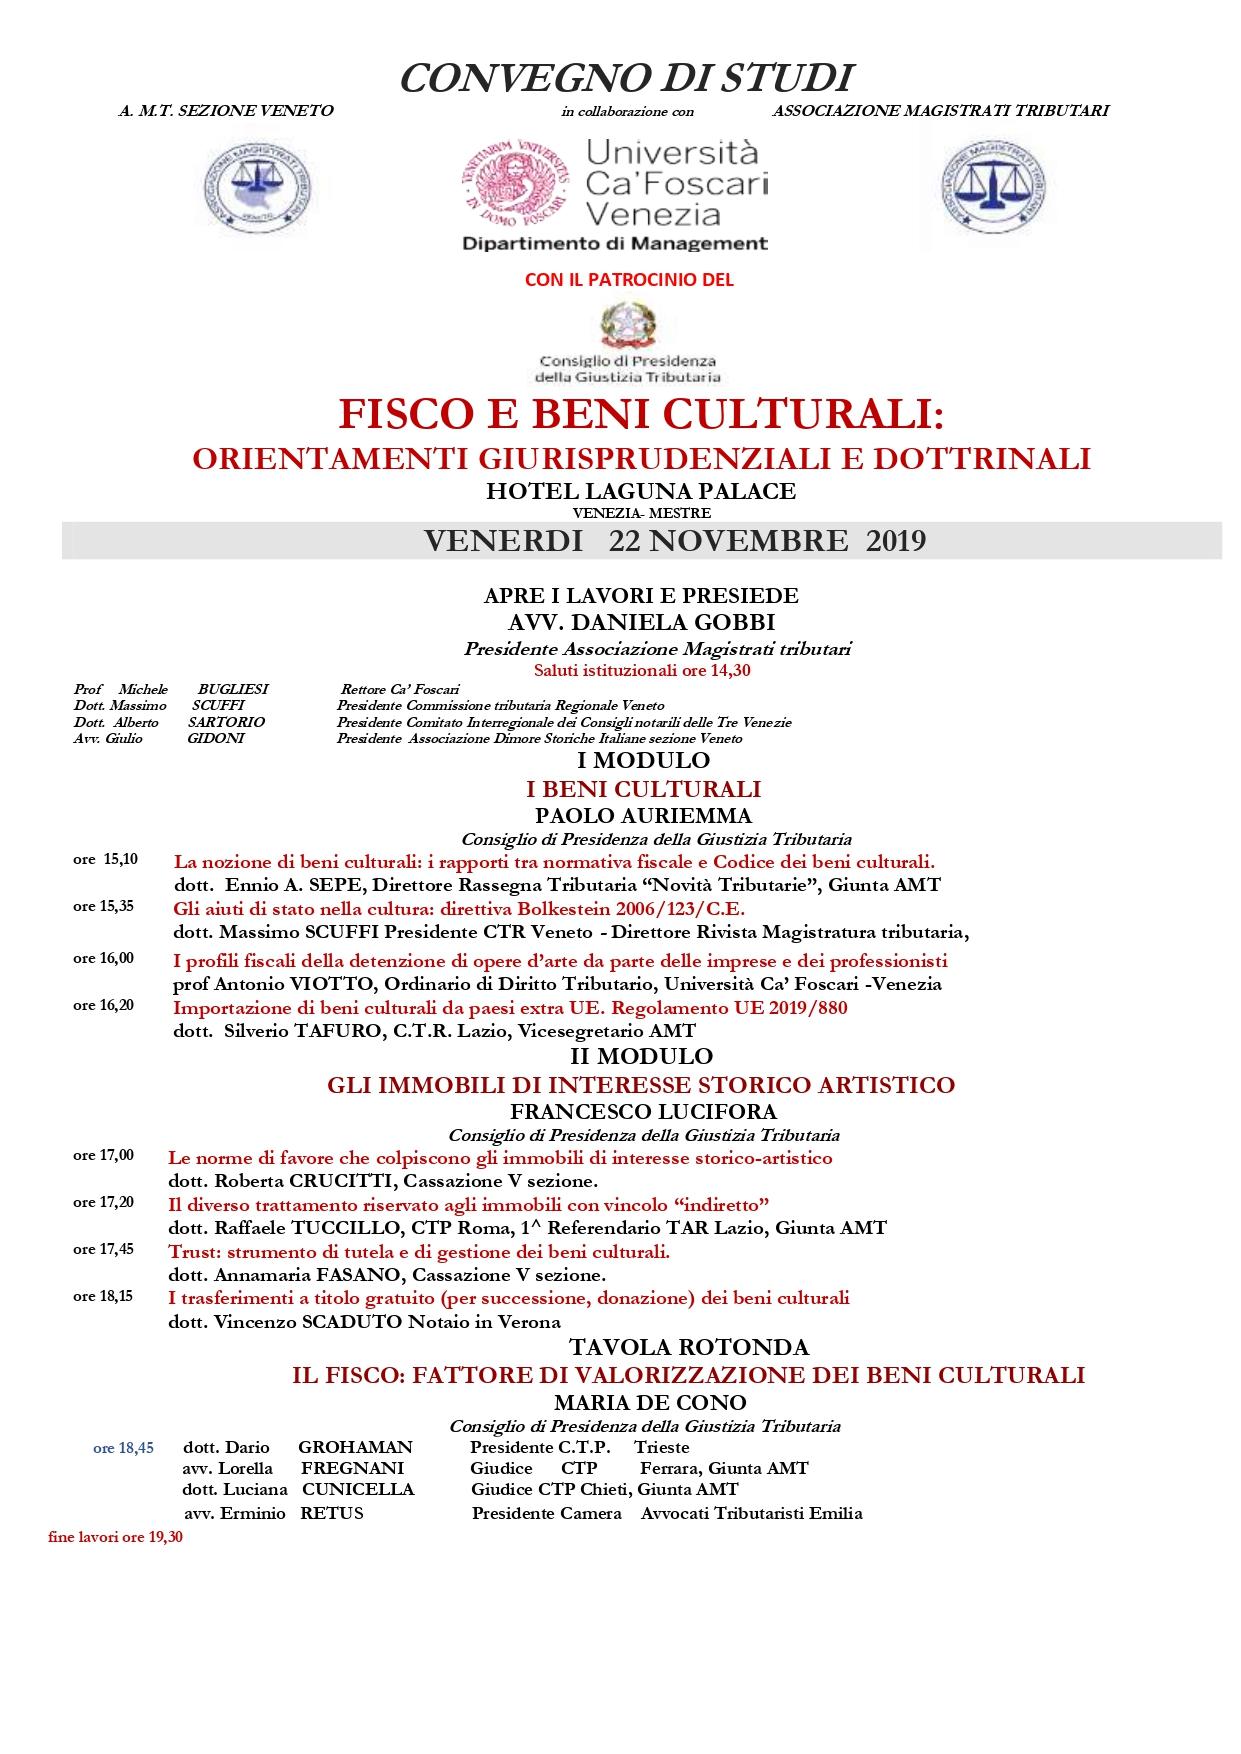 DEFINITIVO CONVEGNO MESTRE 22-23 NOVEMBRE AMT UNIVERSITA'_page-0001